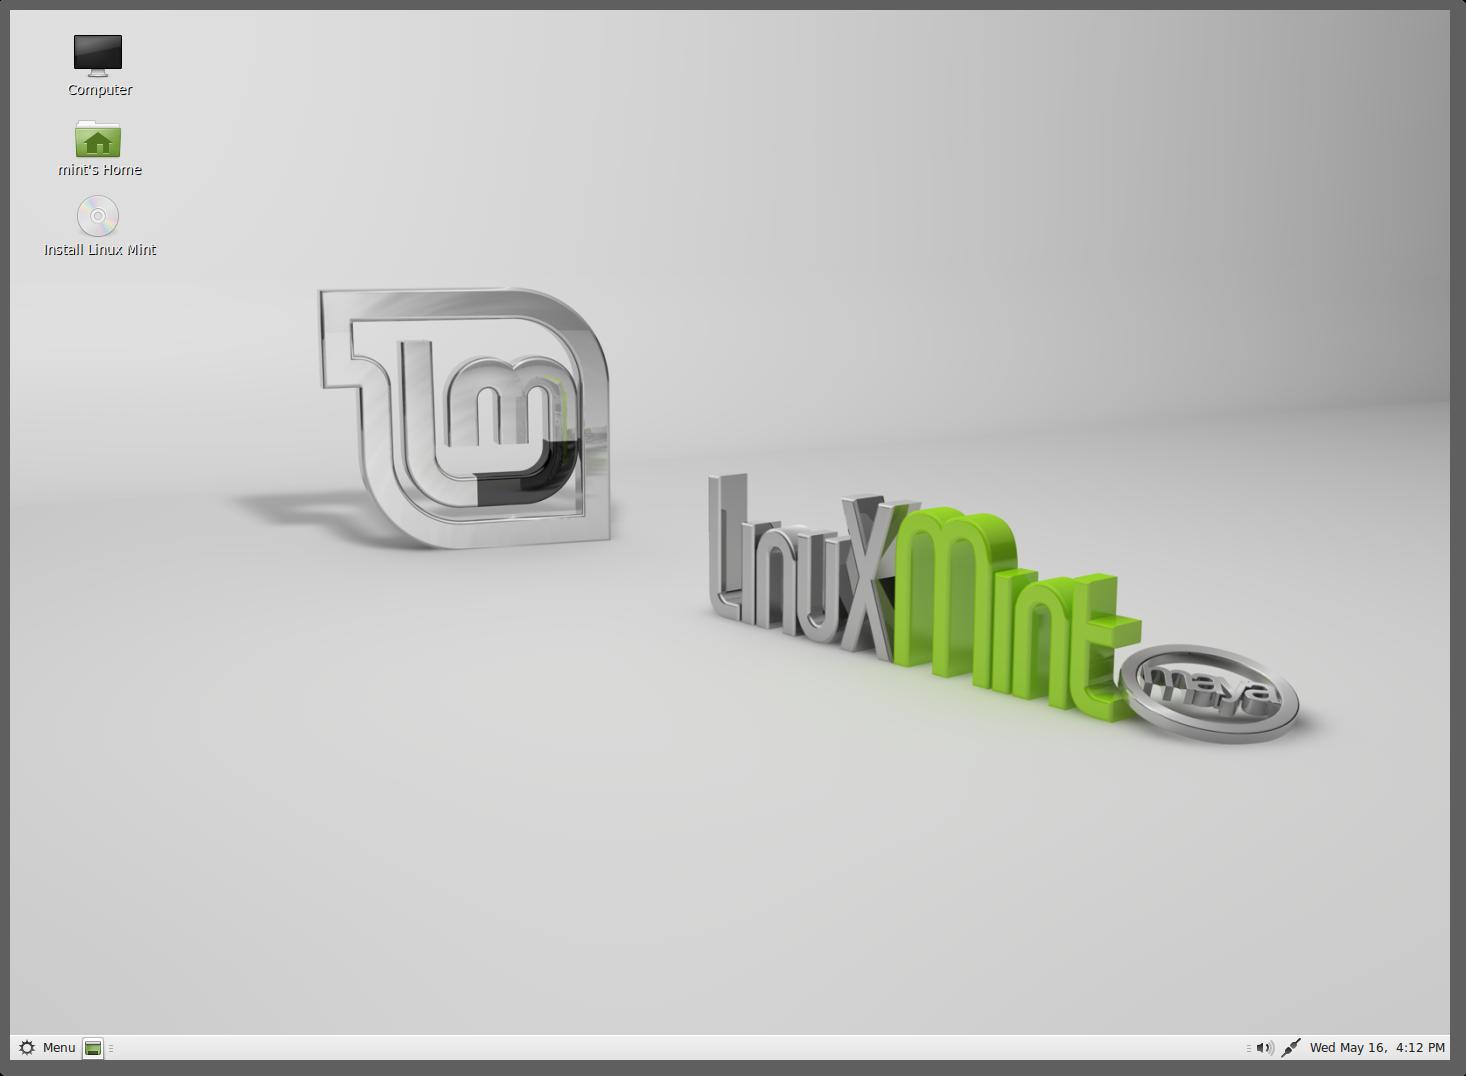 linux mint 13 release notes linux mint rh linuxmint com Linux Mint 16 Xfce Linux Mint 16 Xfce